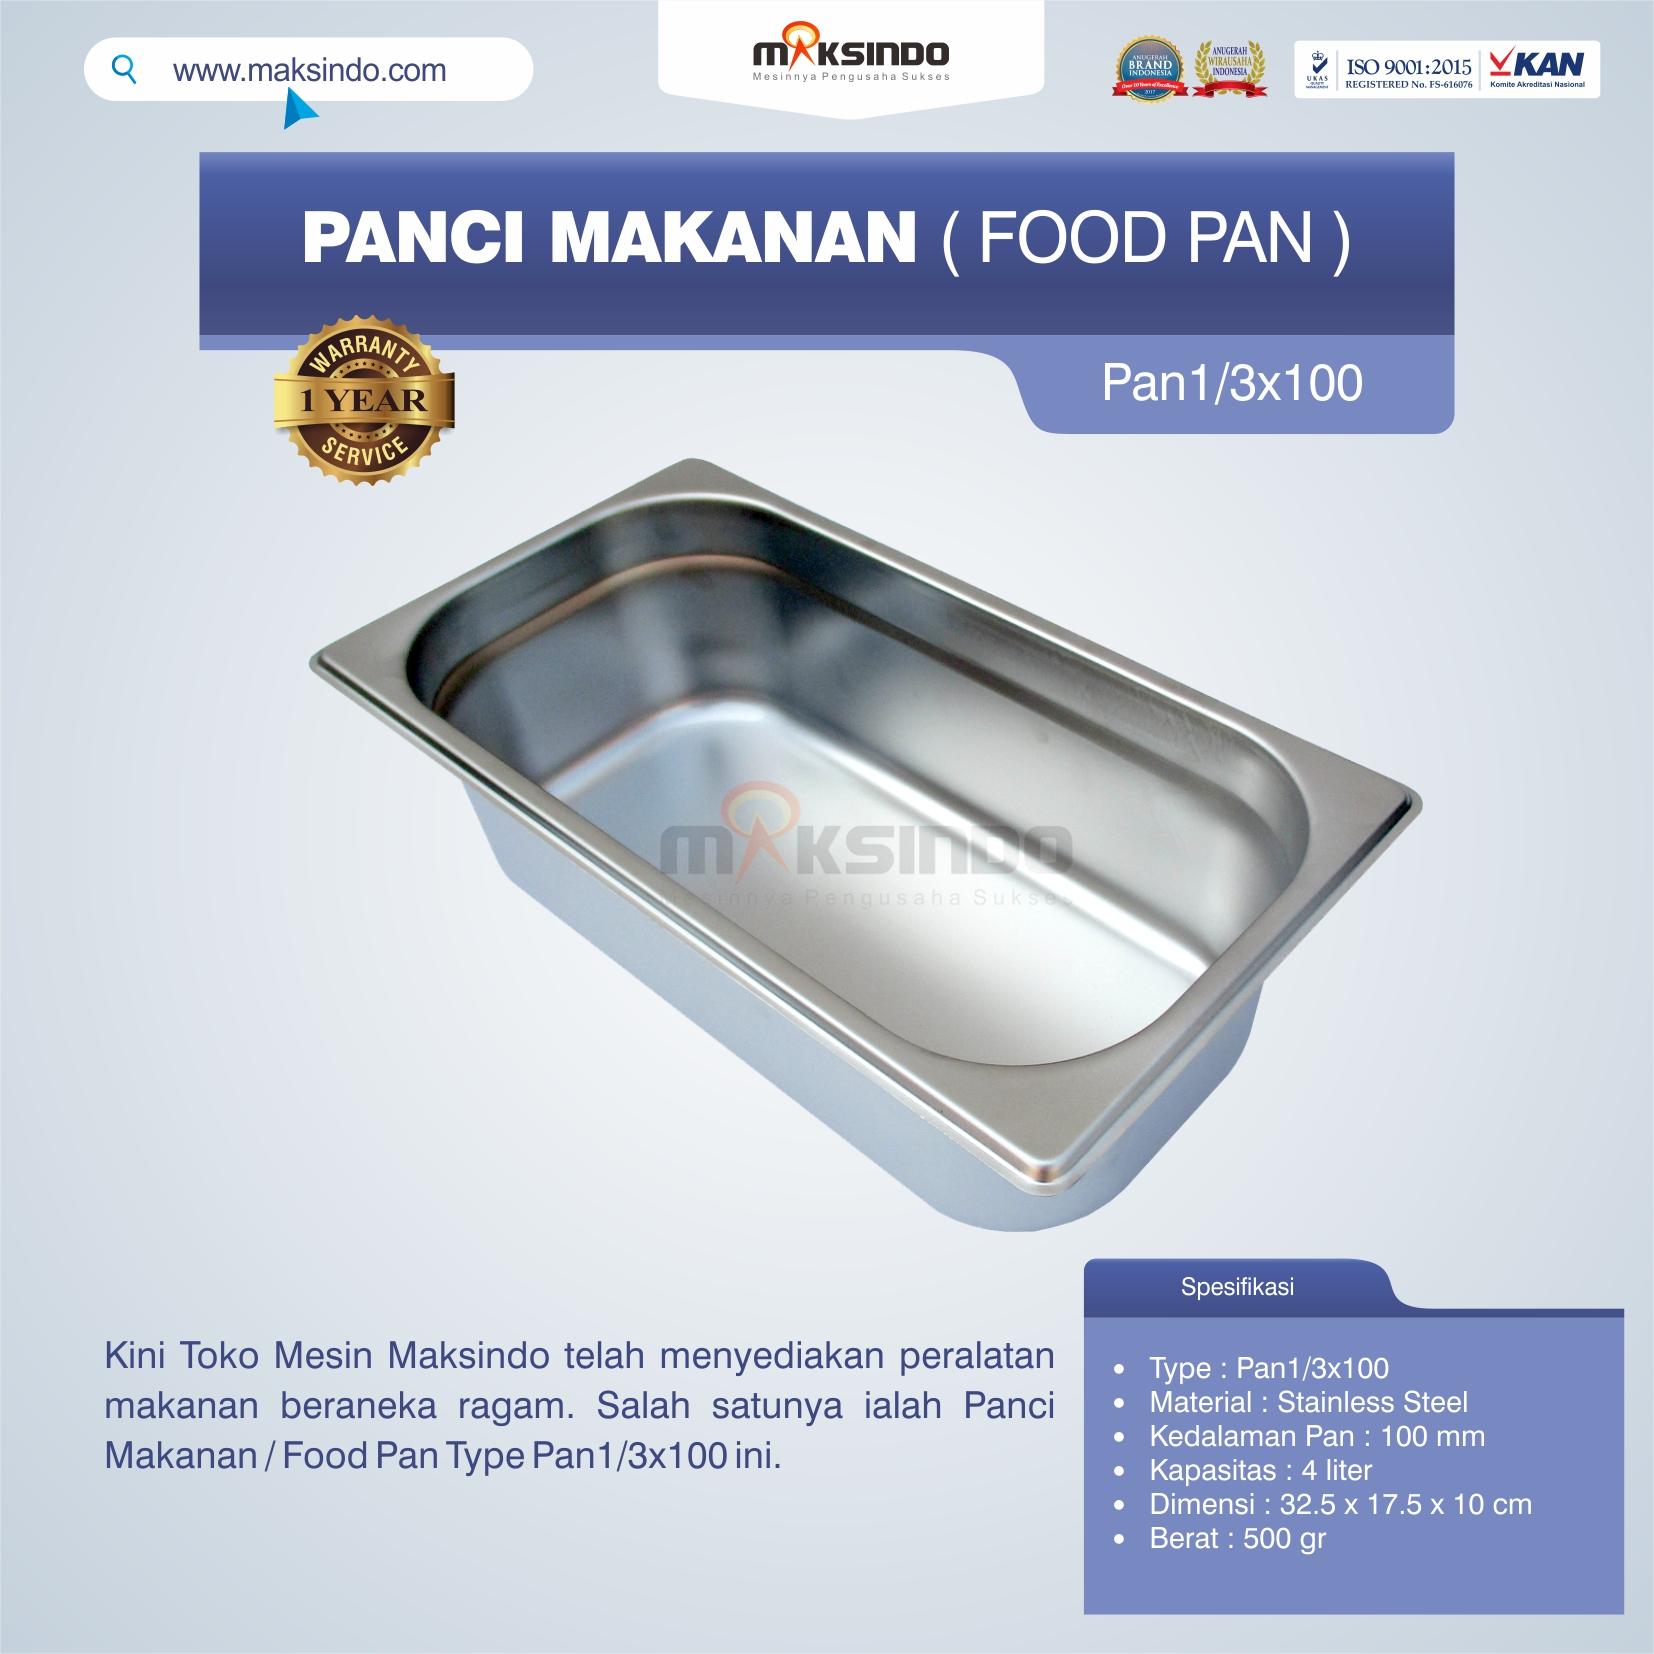 Jual Panci Makanan / Food Pan Type Pan1/3×100 di Pekanbaru